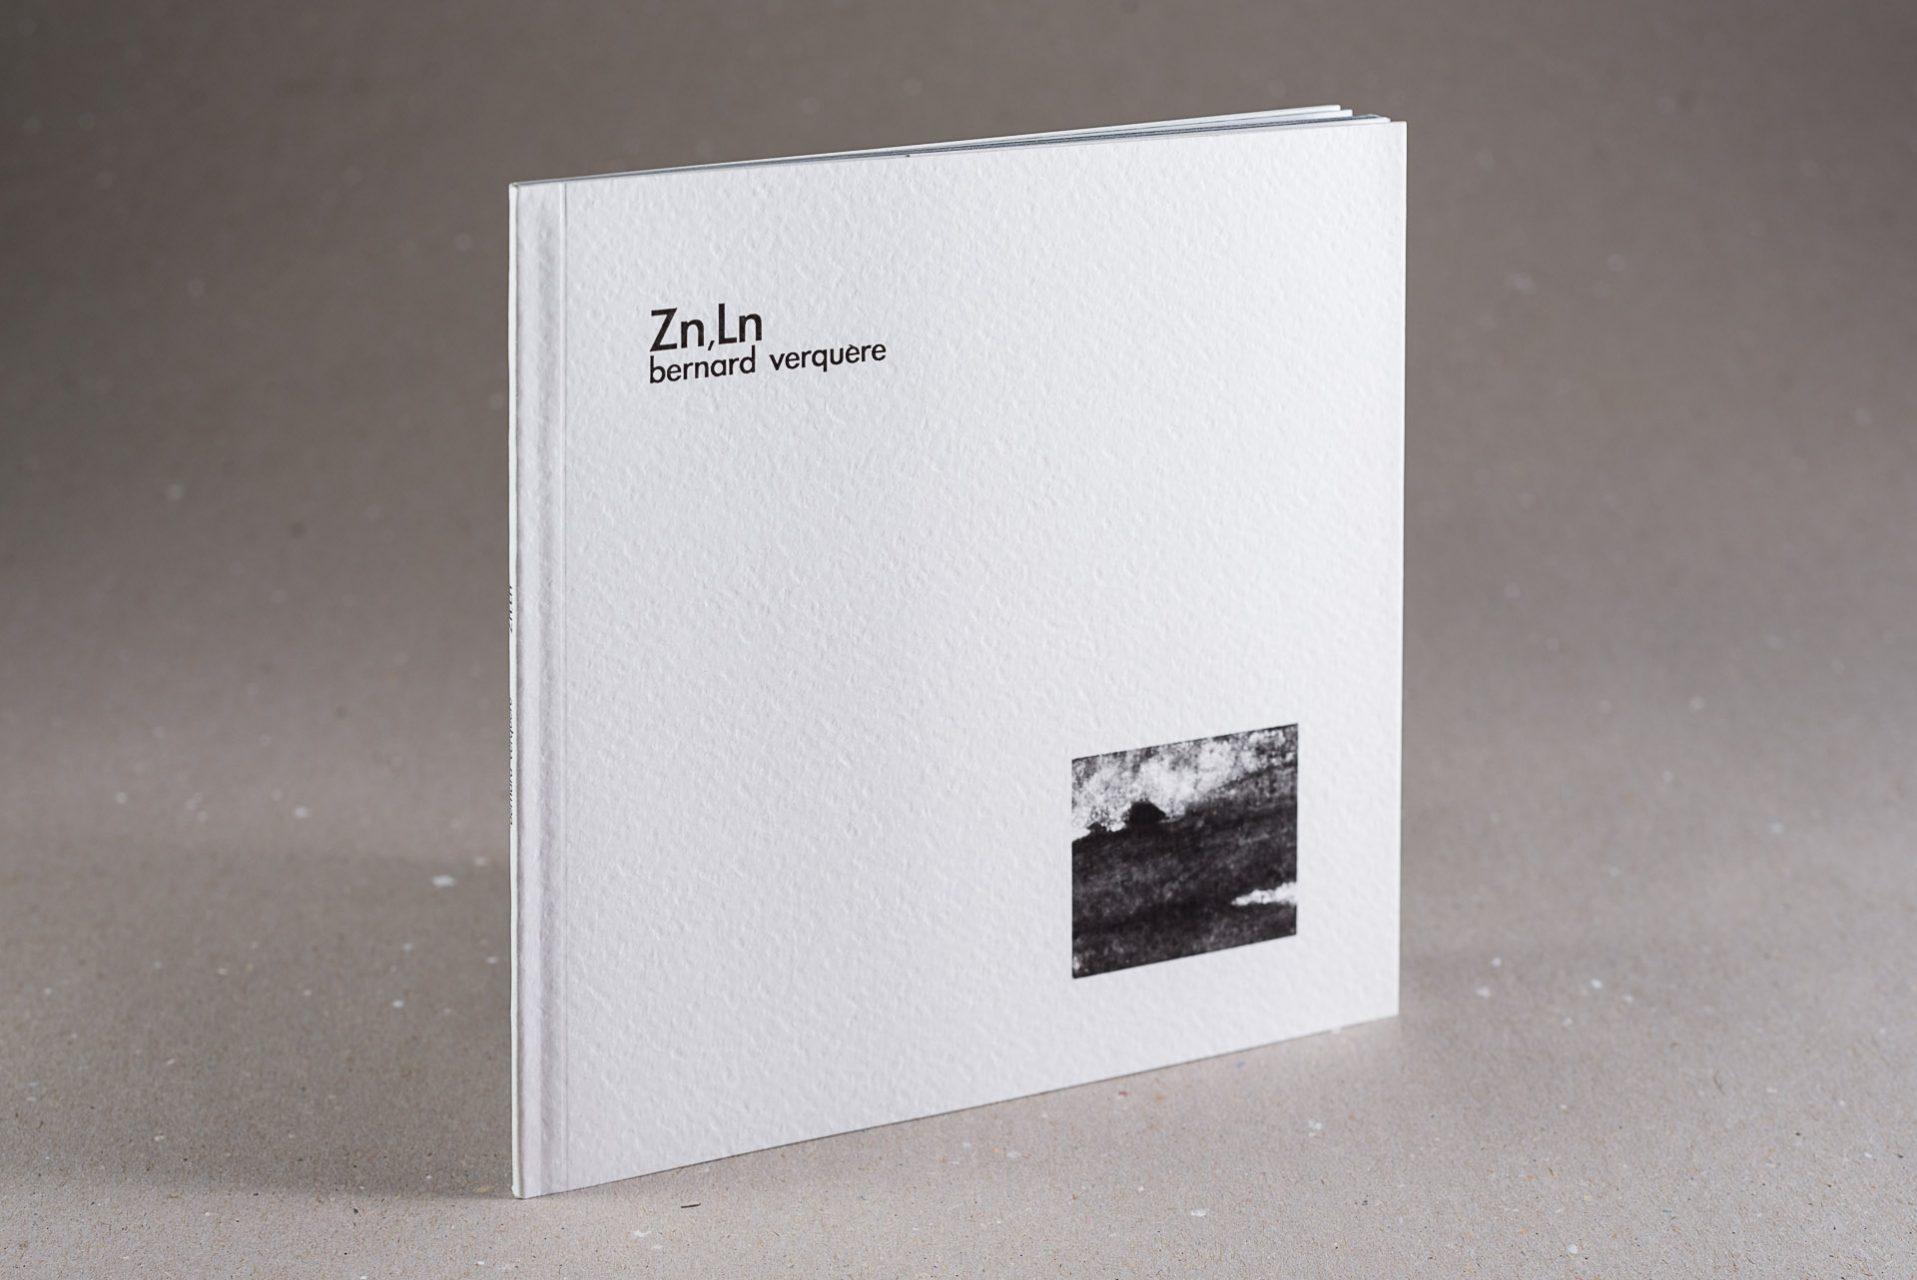 web-hd-nuit-myrtide-livre-zn-ln-bernard-verquere-01